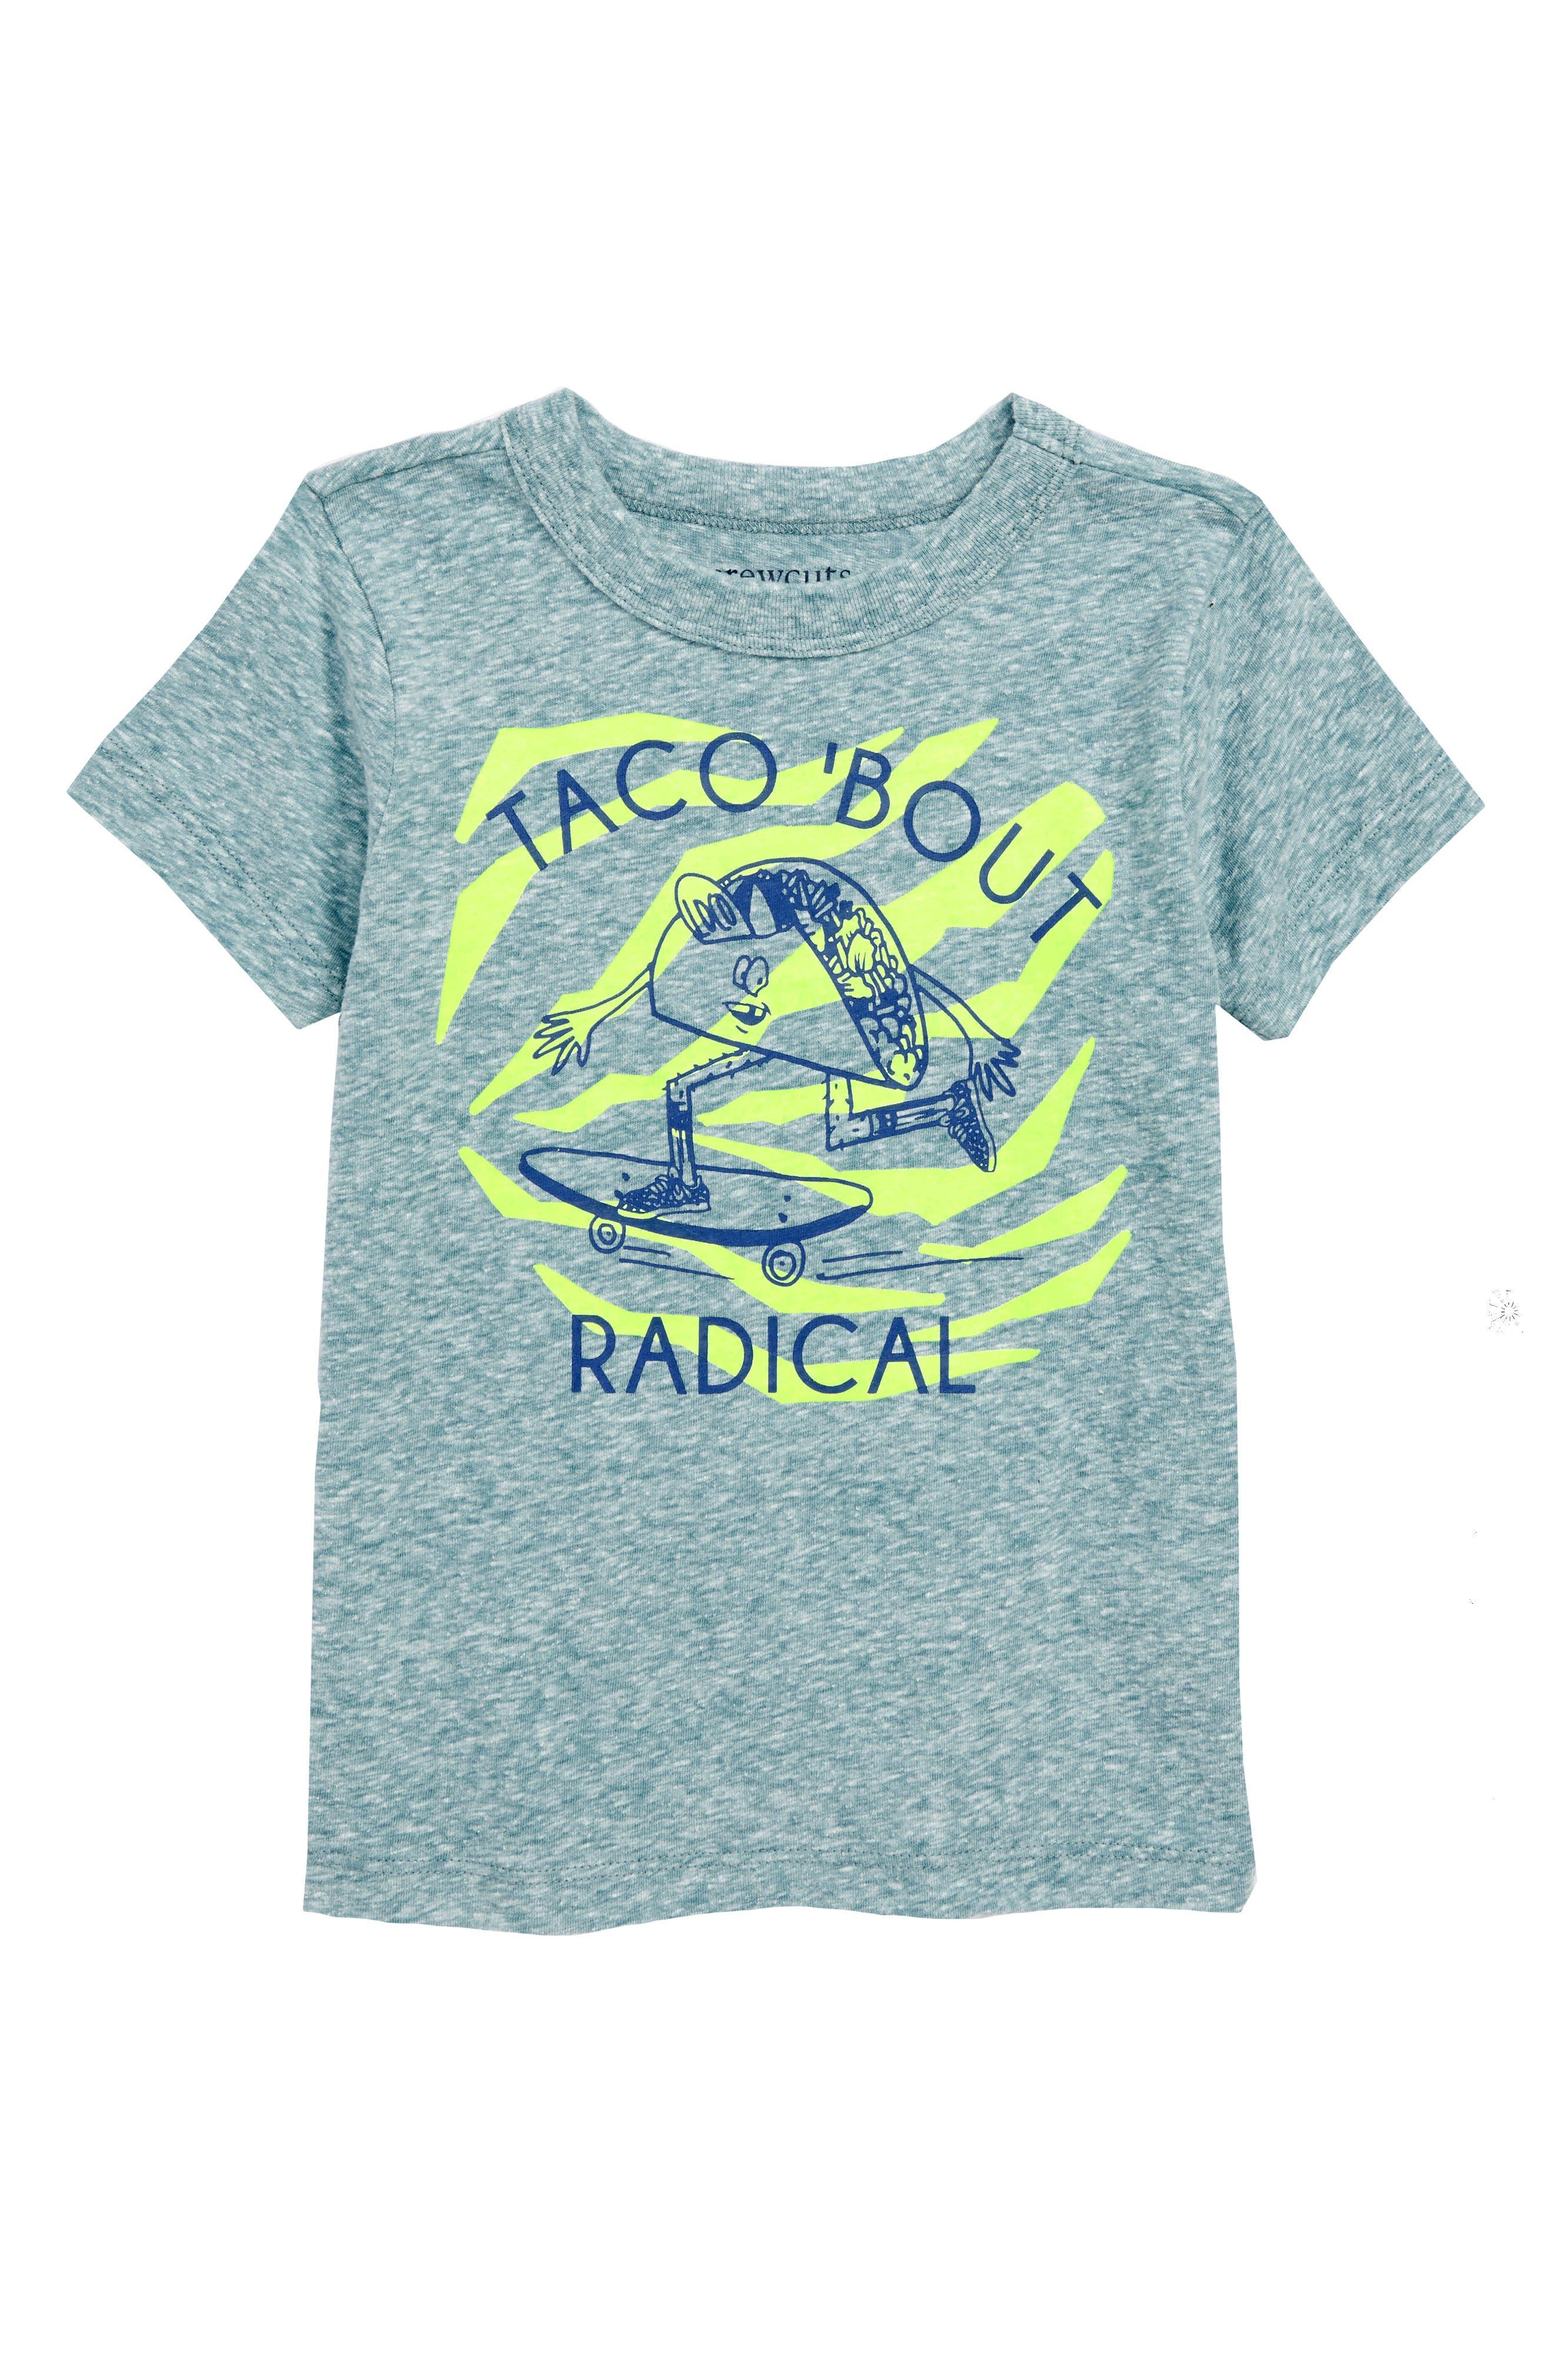 Taco 'Bout Radical T-Shirt,                             Main thumbnail 1, color,                             Voyage Blue